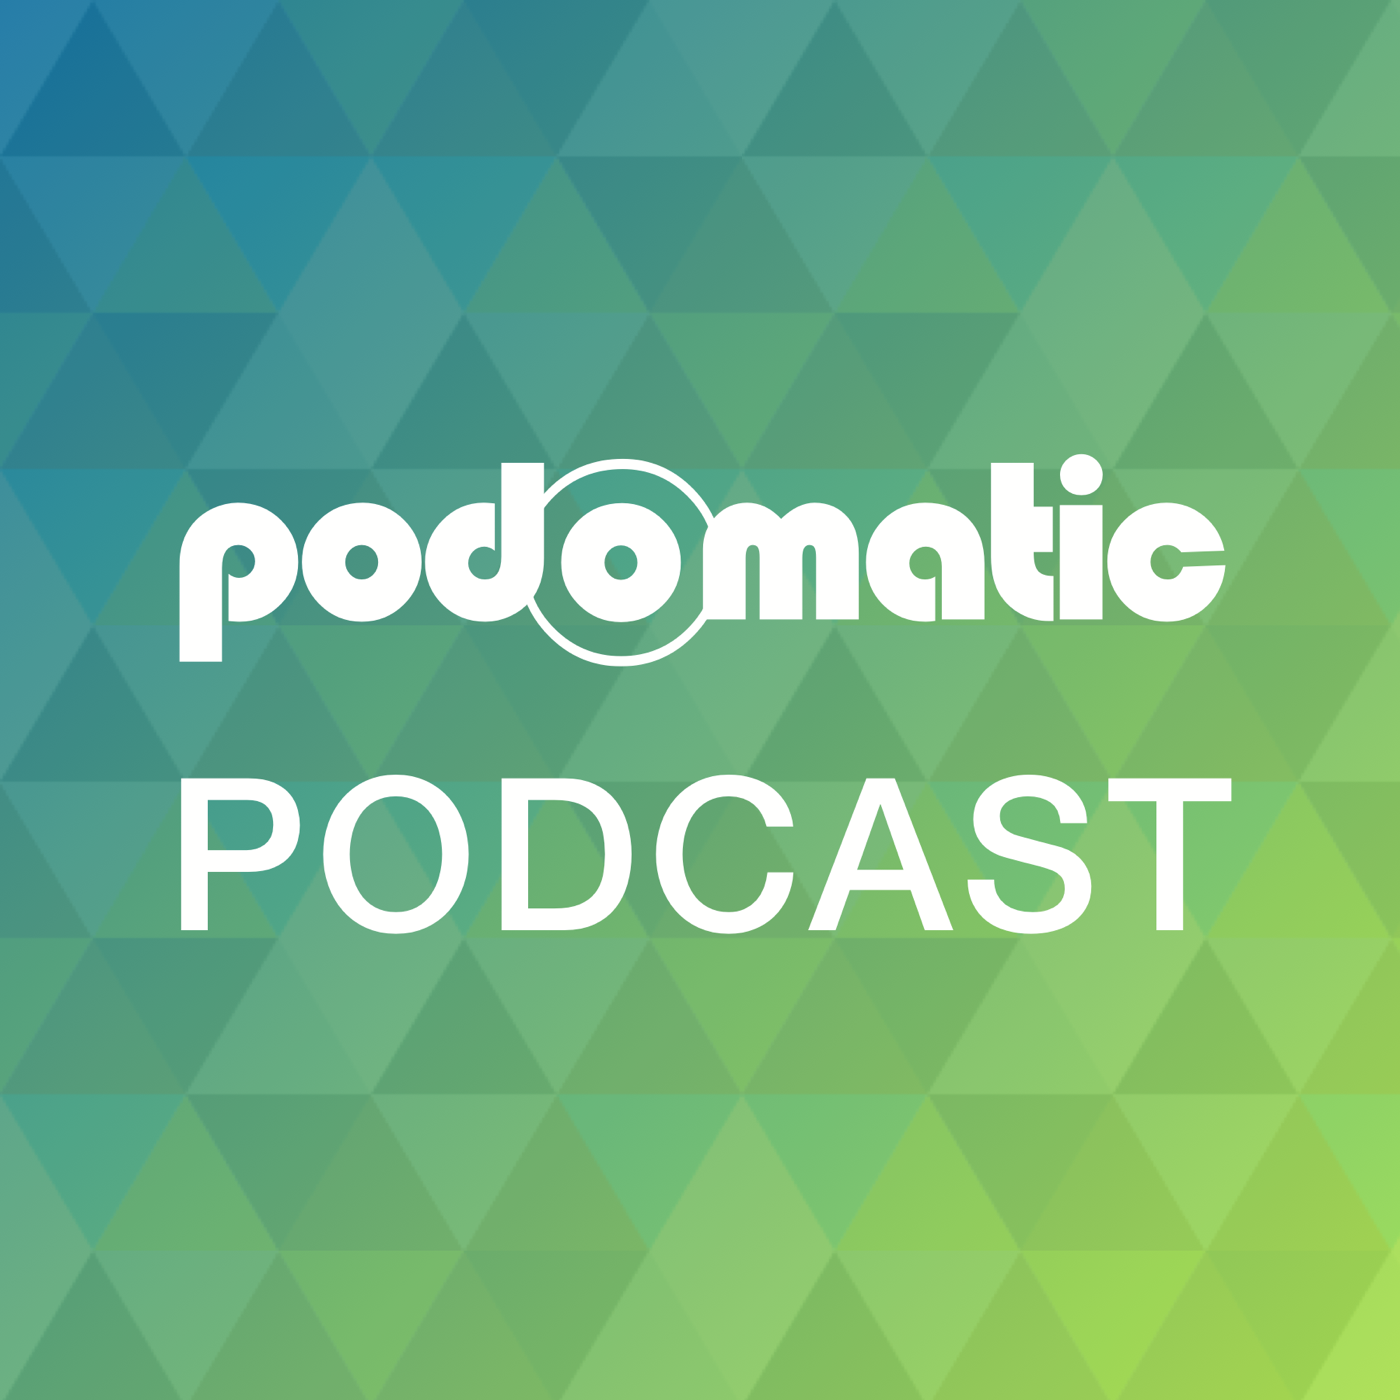 Inside The Birds Nest's Podcast